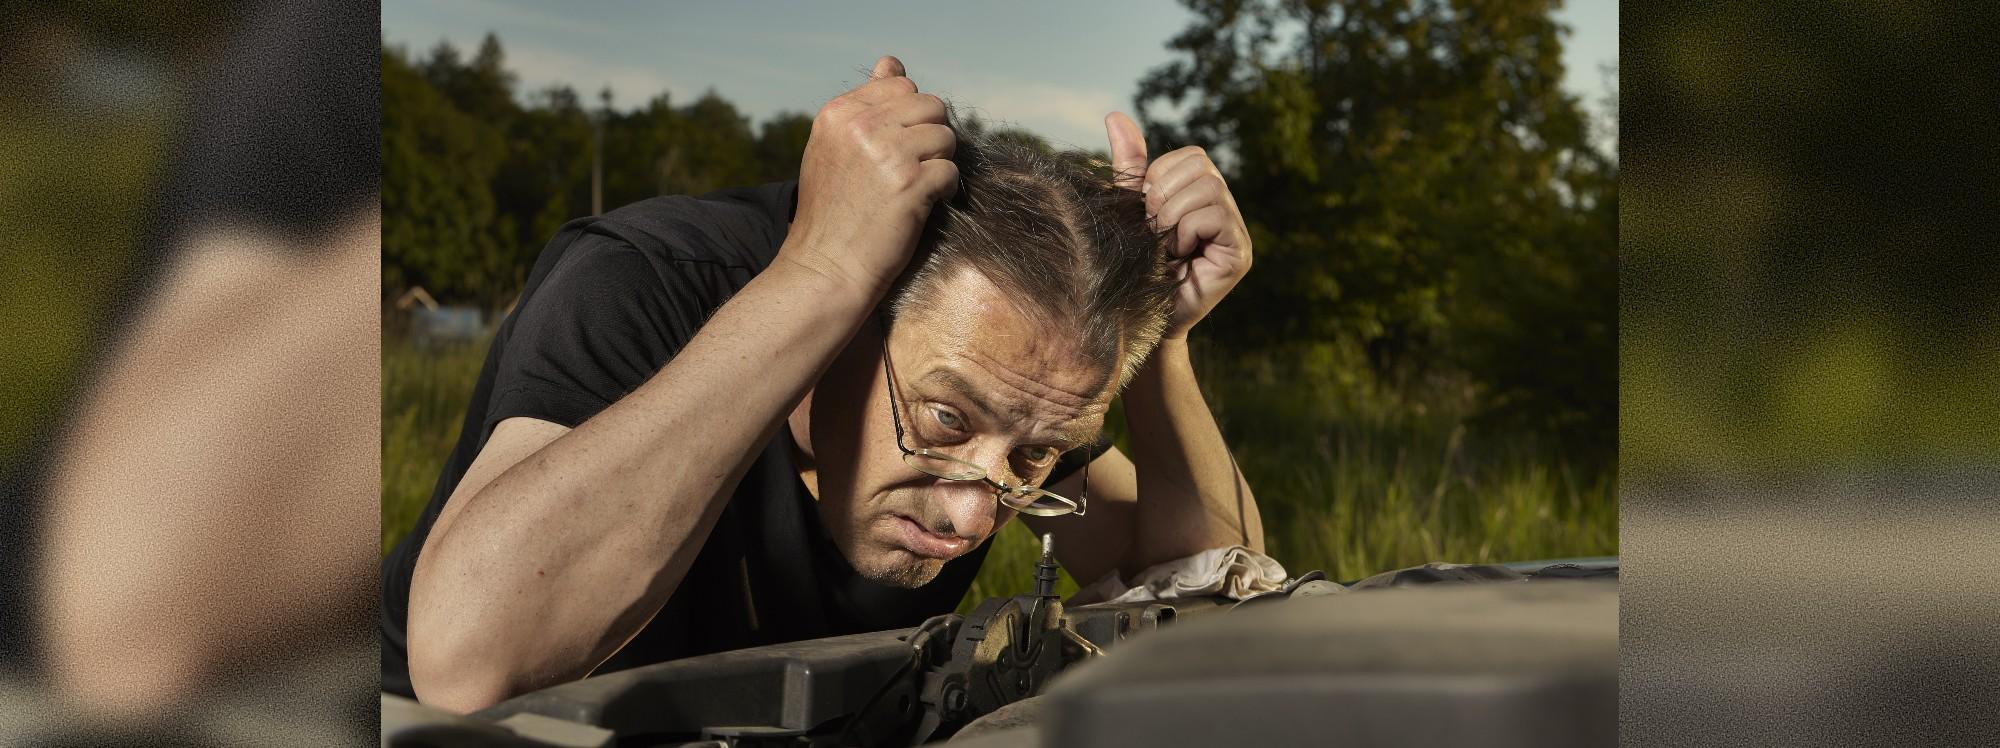 ¿Qué hacer cuando se rompe el embrague del auto?